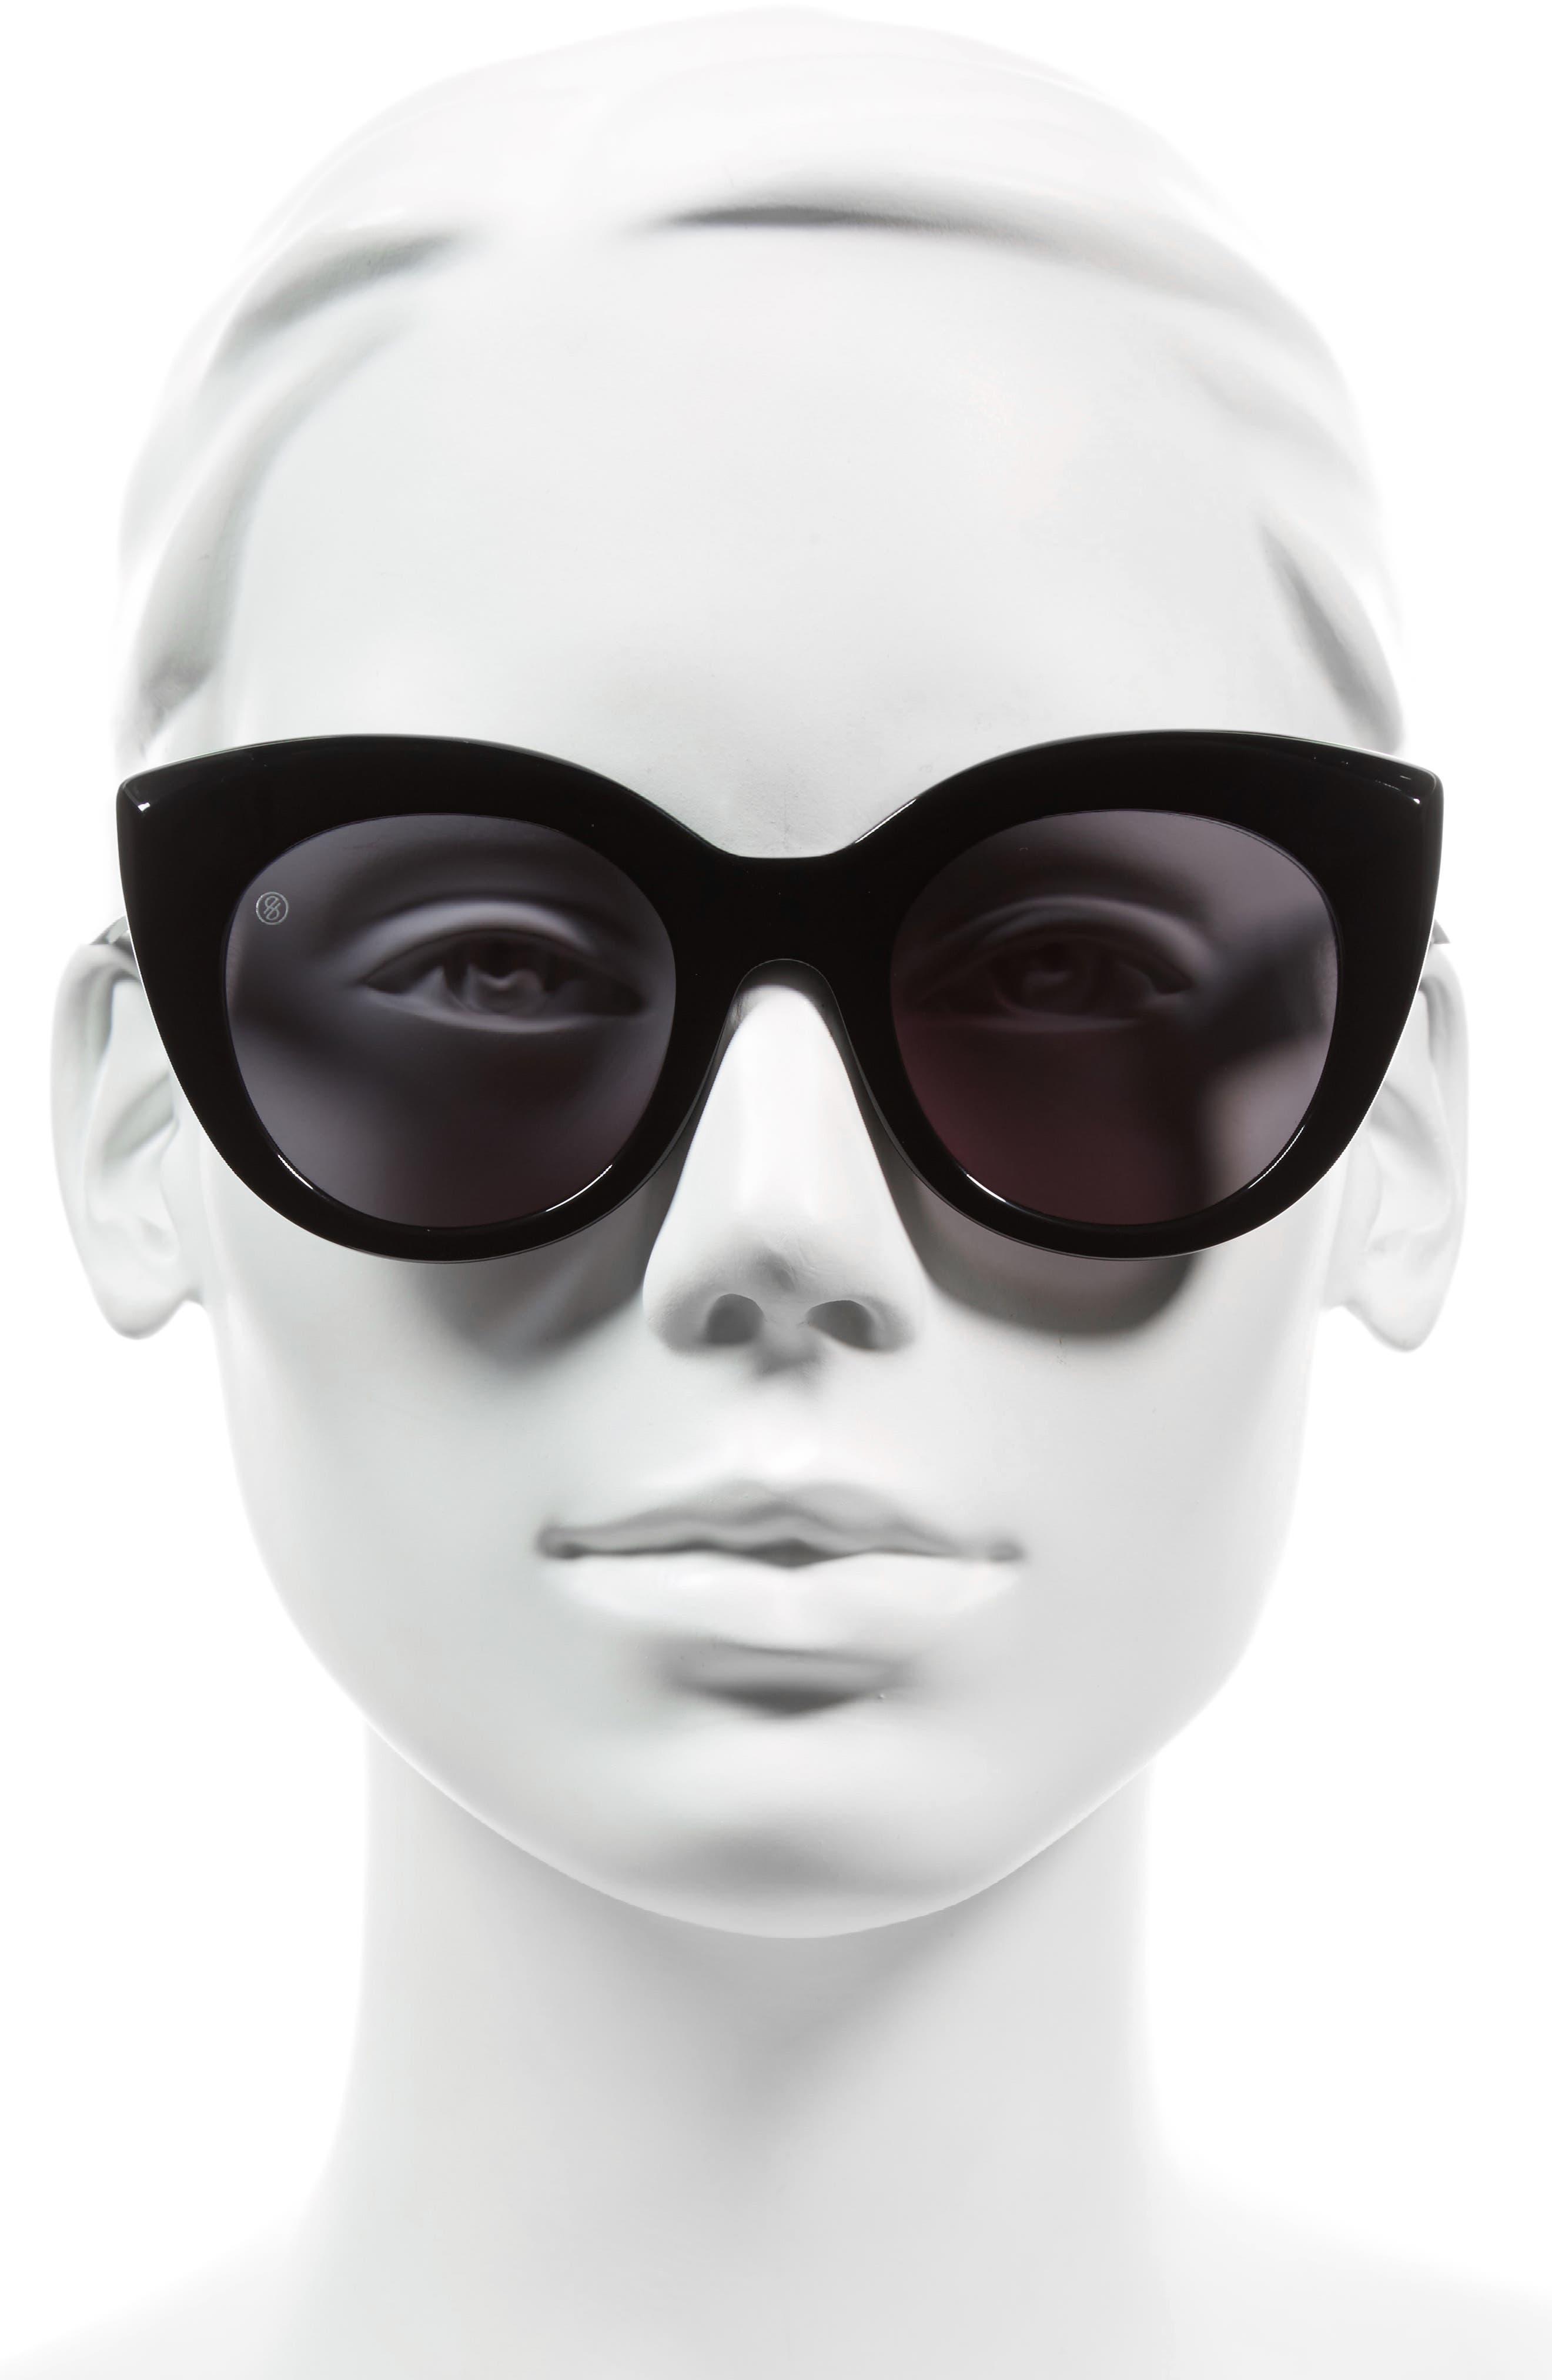 D'BLANC Modern Lover 49mm Cat-Eye Sunglasses,                             Alternate thumbnail 2, color,                             001